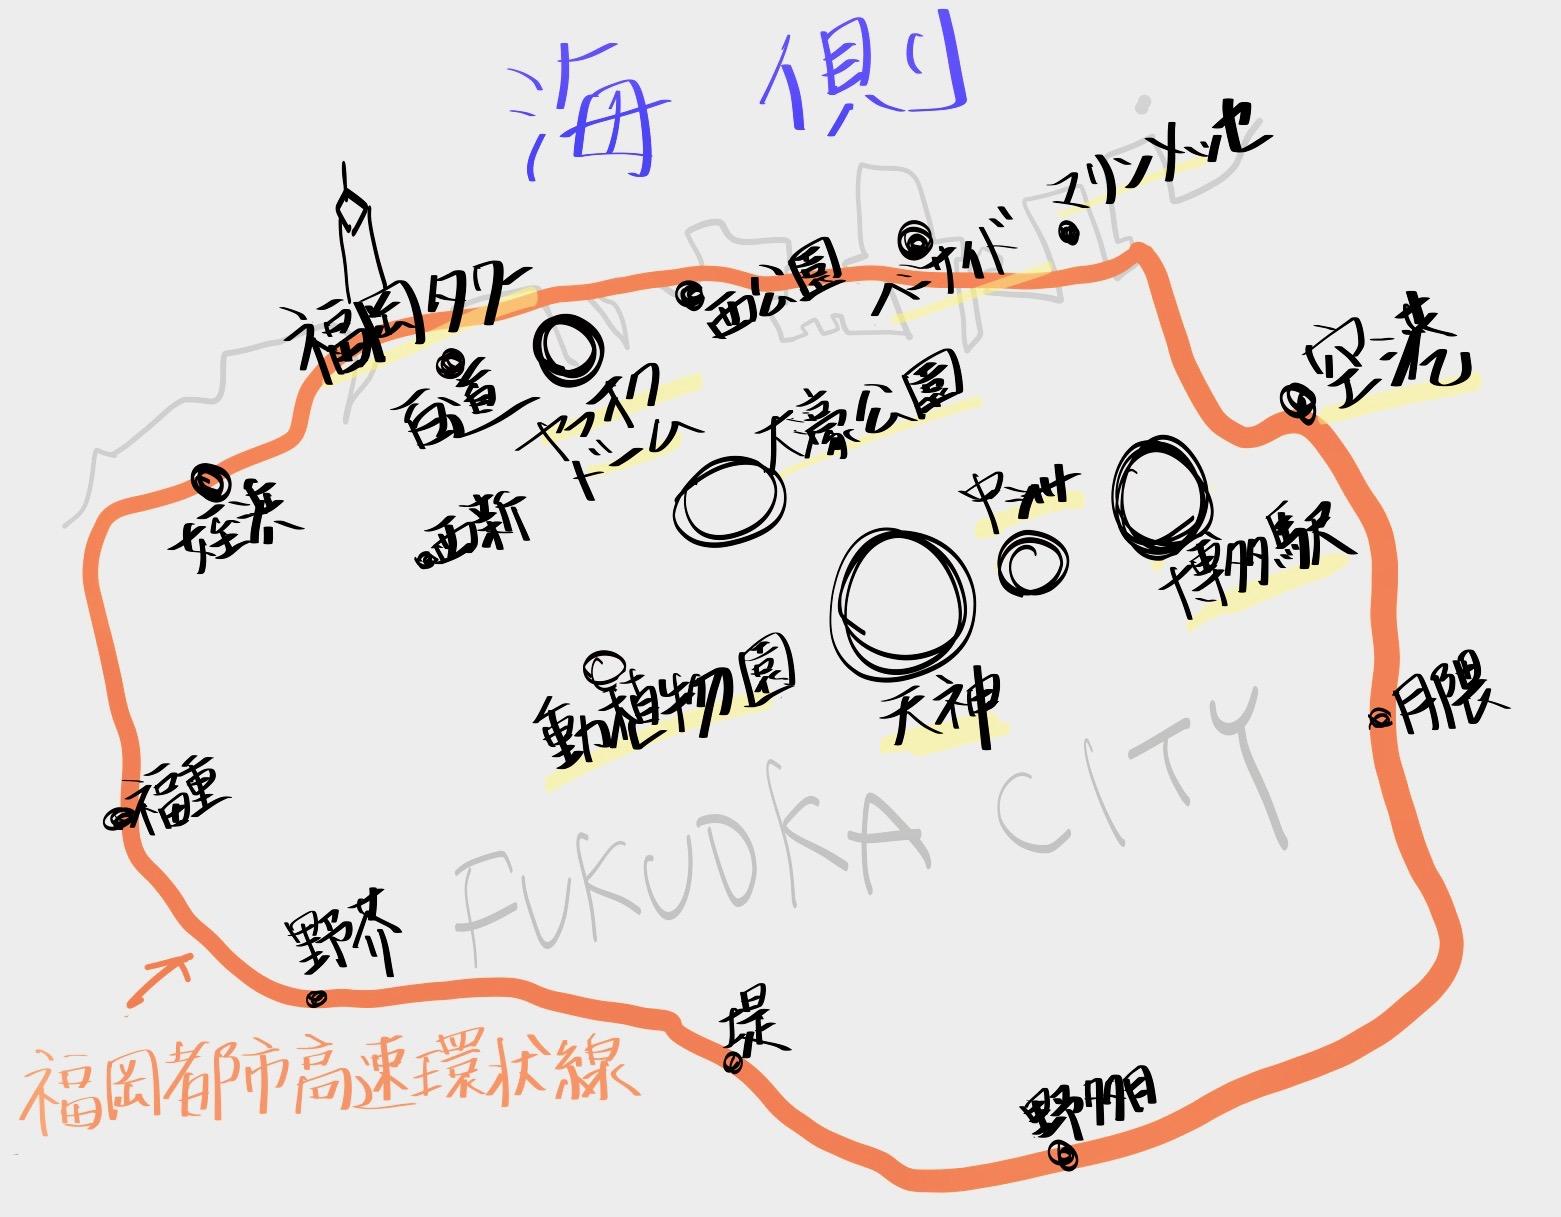 福岡市の地図